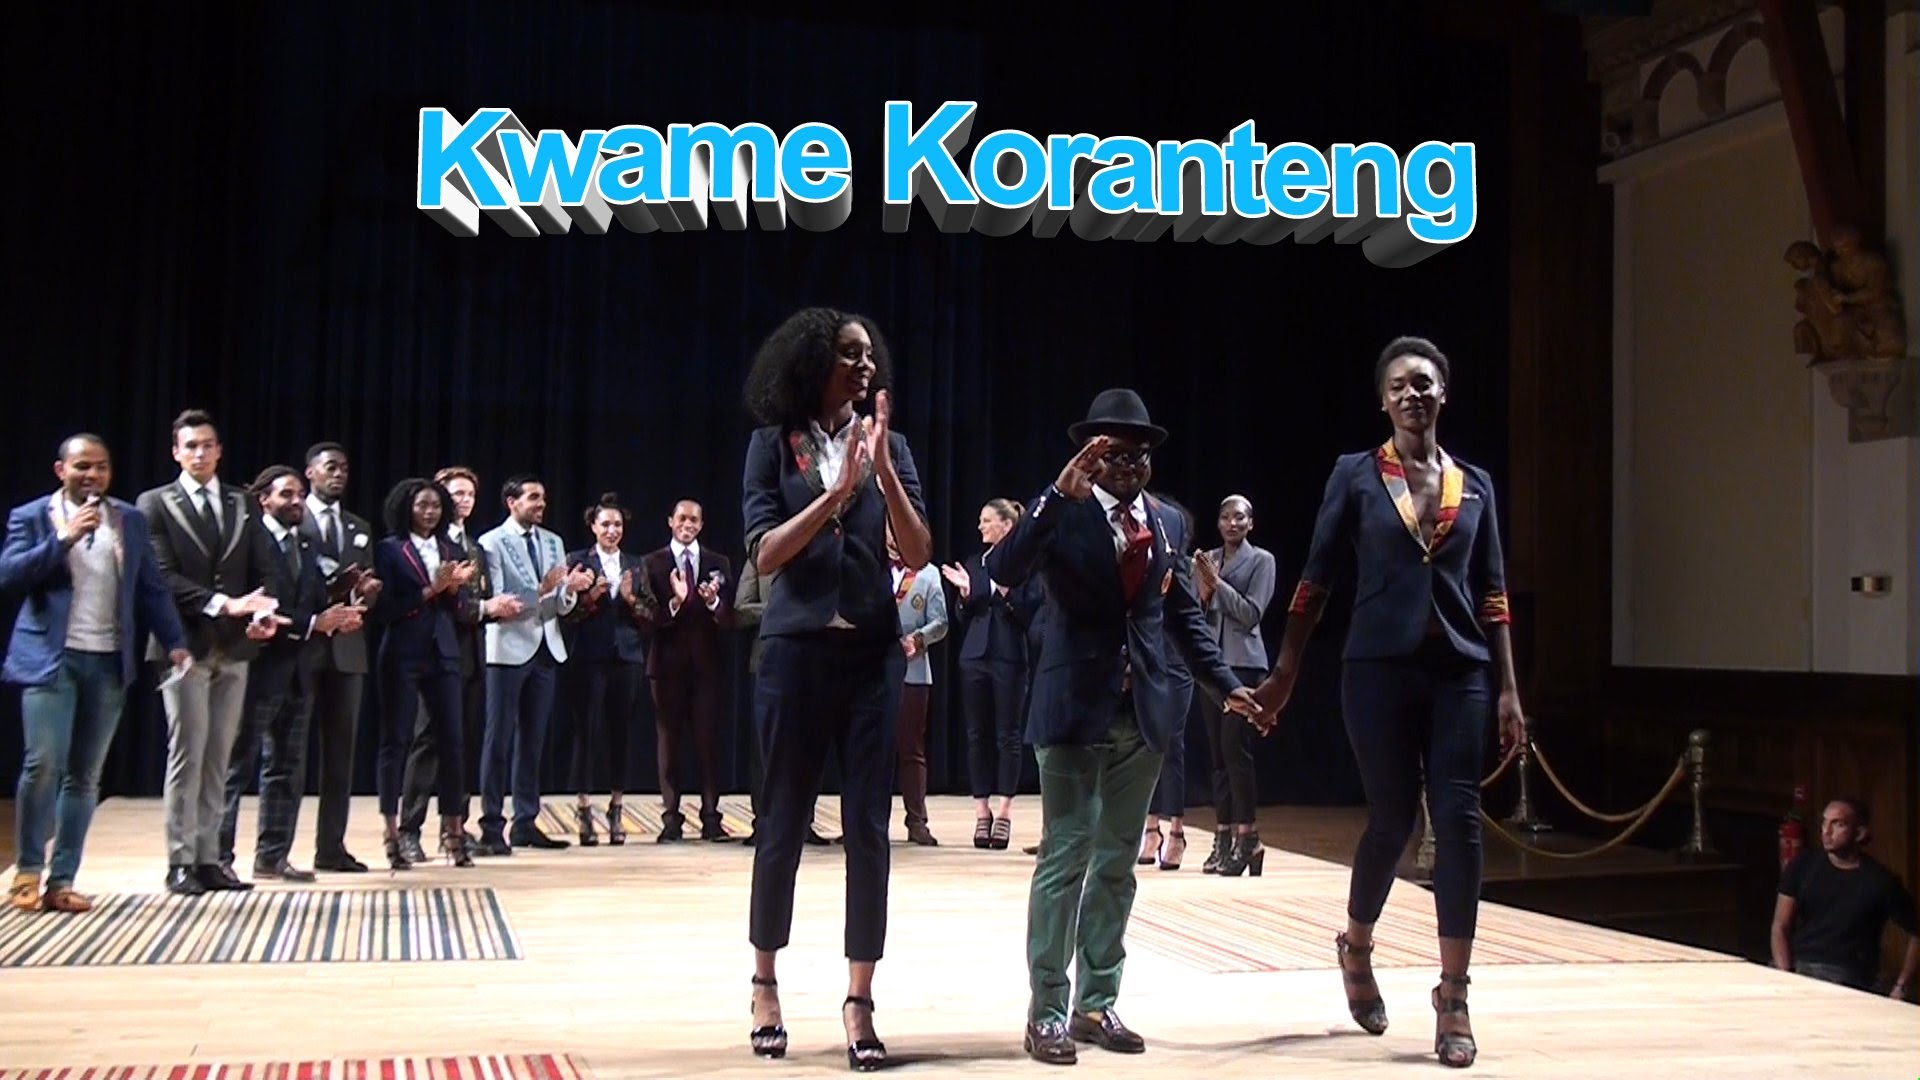 Kwame Koranteng – Africa Fashion Week Amsterdam 2015